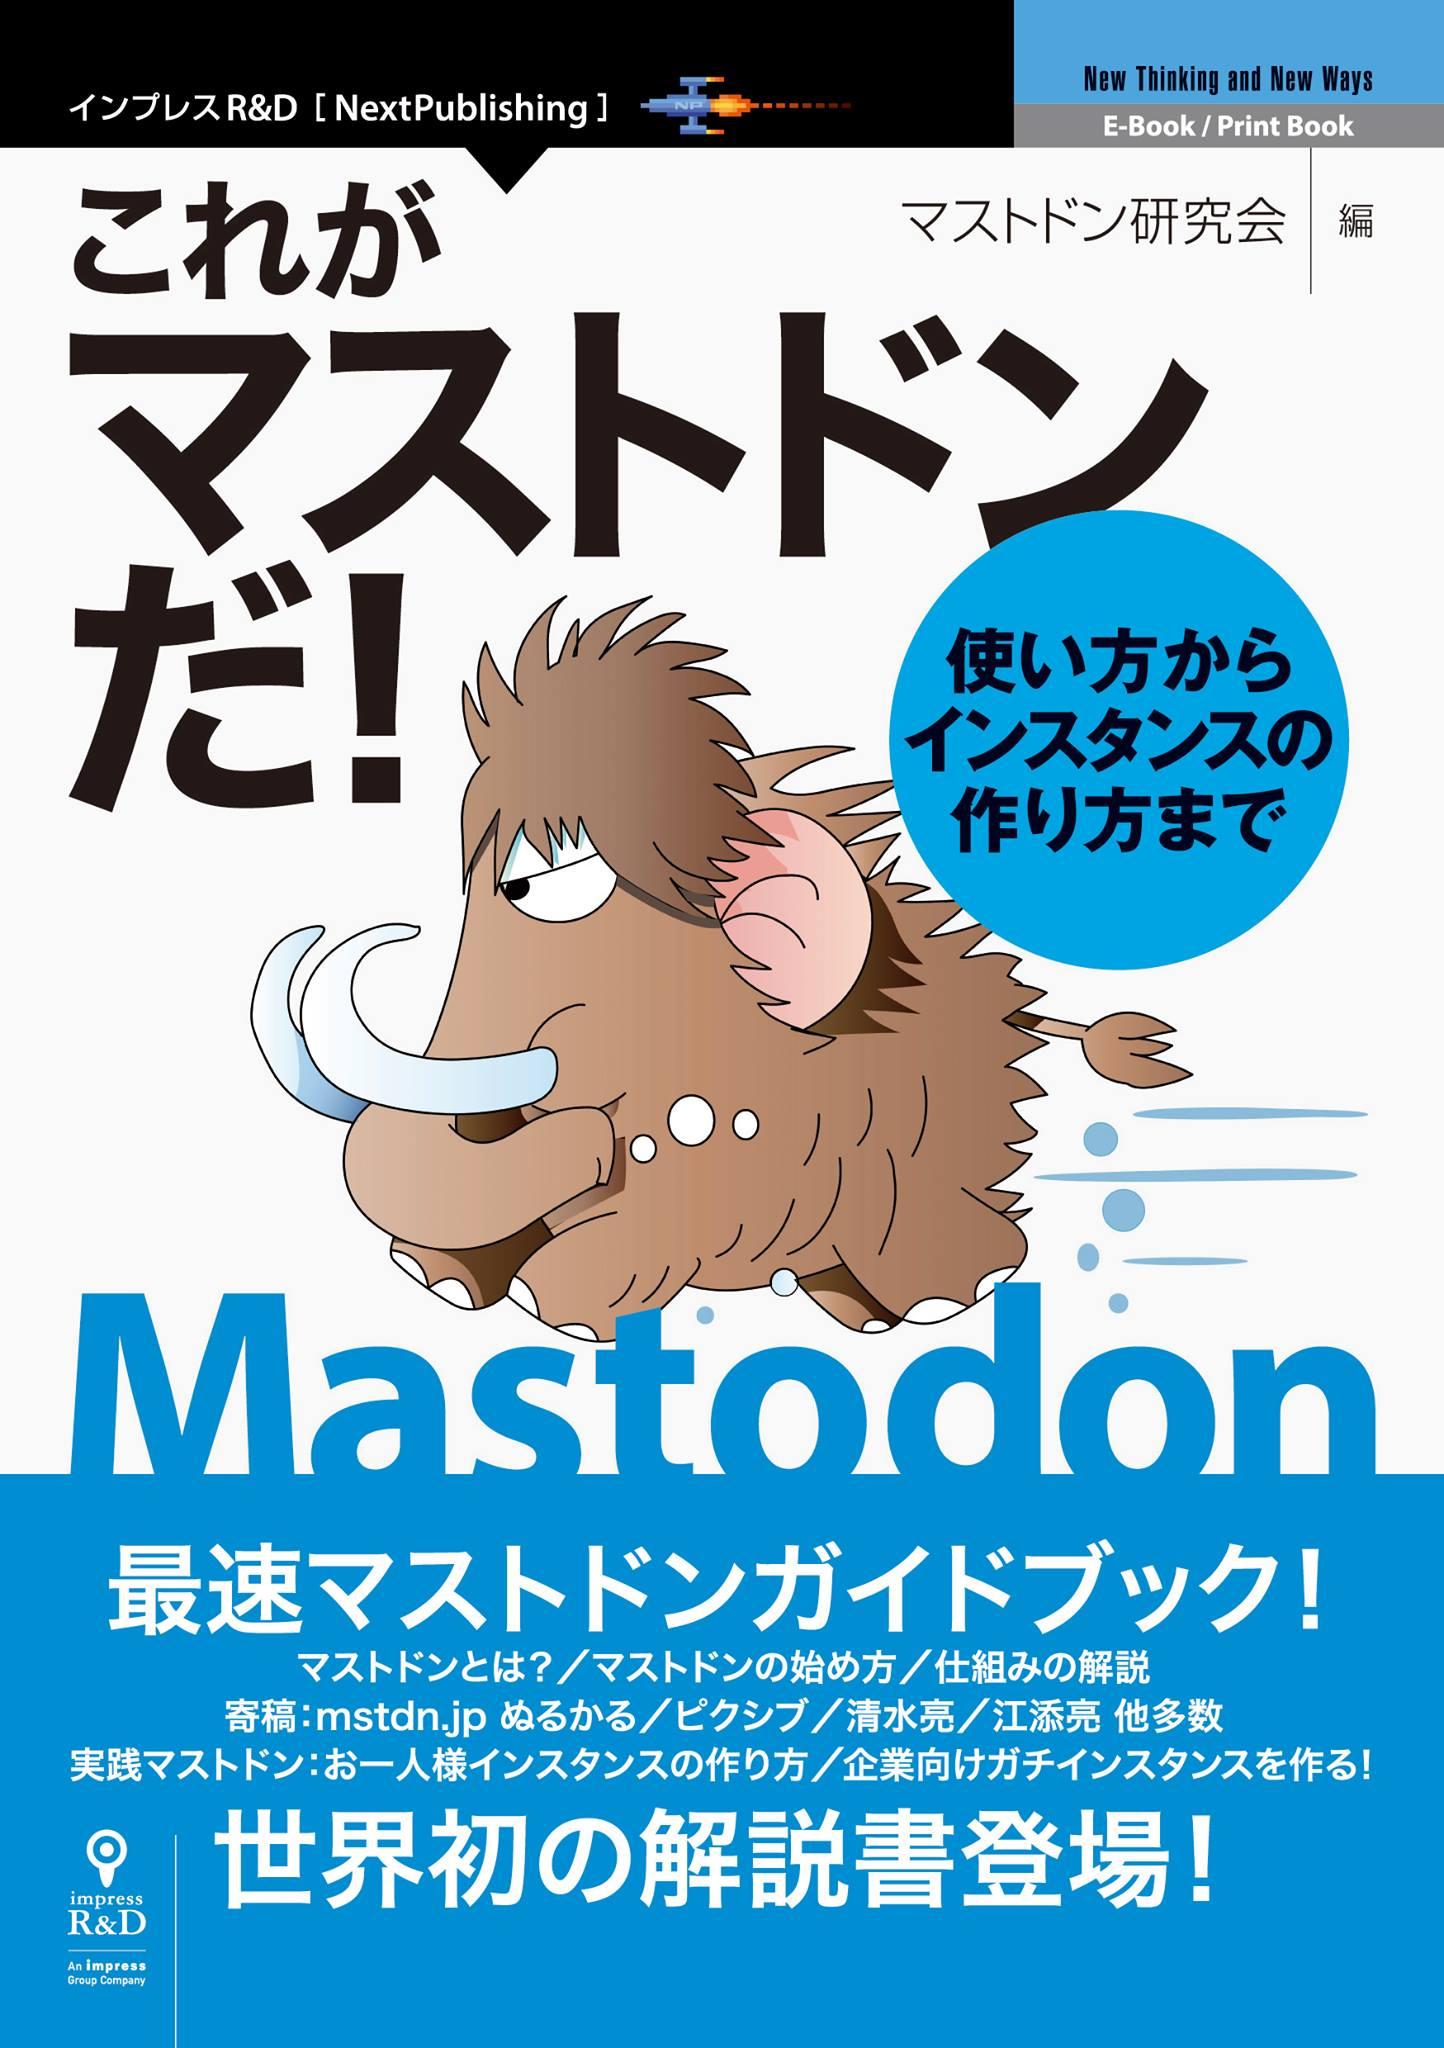 予約開始!【書籍】『これがマストドンだ!使い方からインスタンスの作り方まで』 32